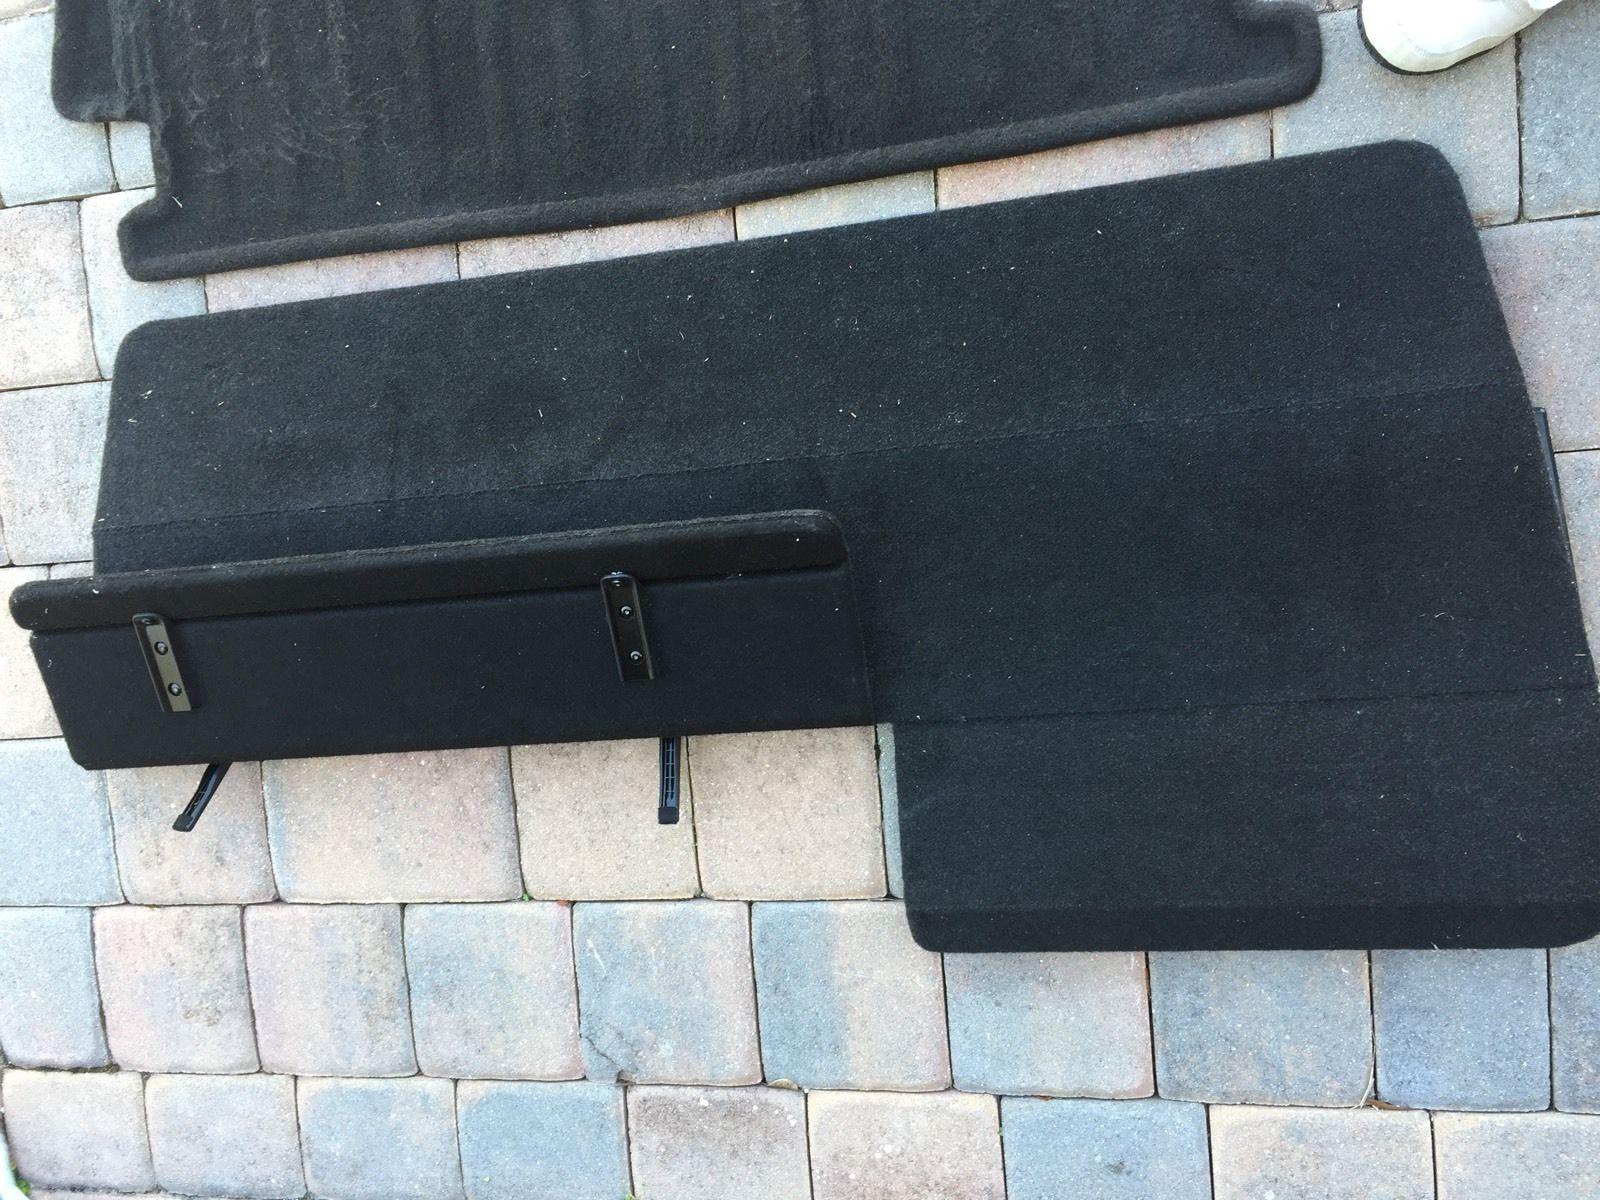 bagagescherm fx35 50 deelbaar.jpg